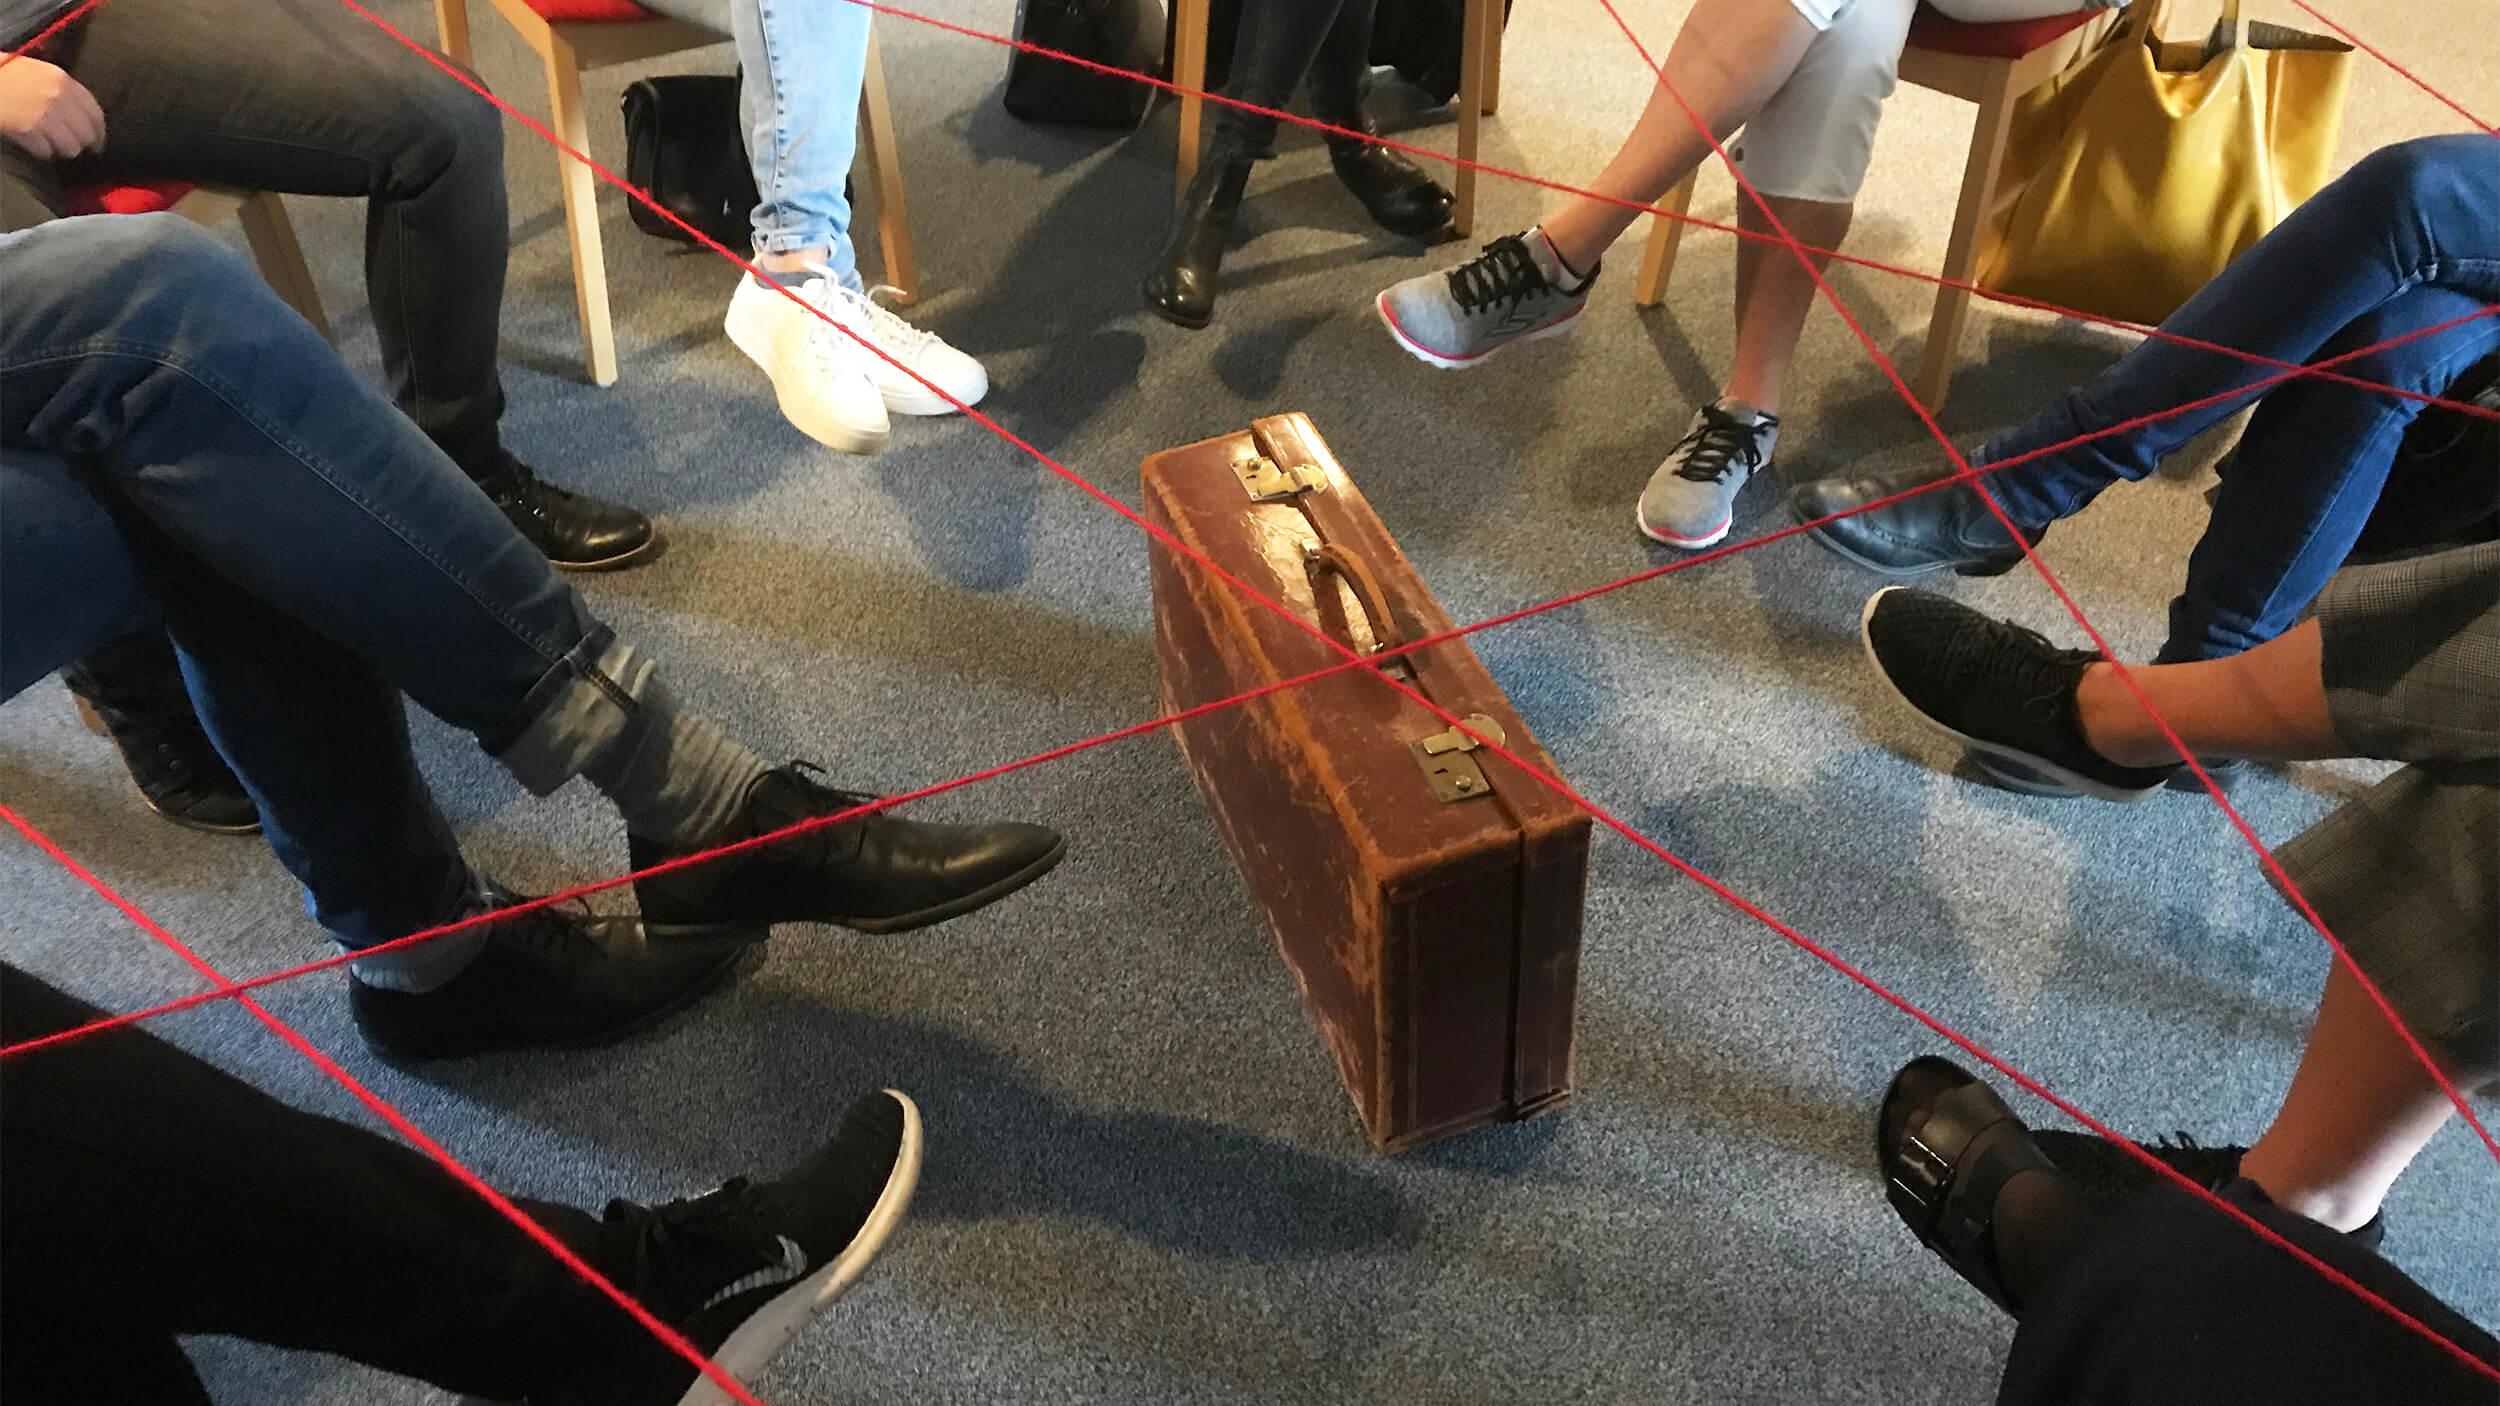 Personer sitter i en ring och håller upp en röd tråd som ett nätverk mellan sig